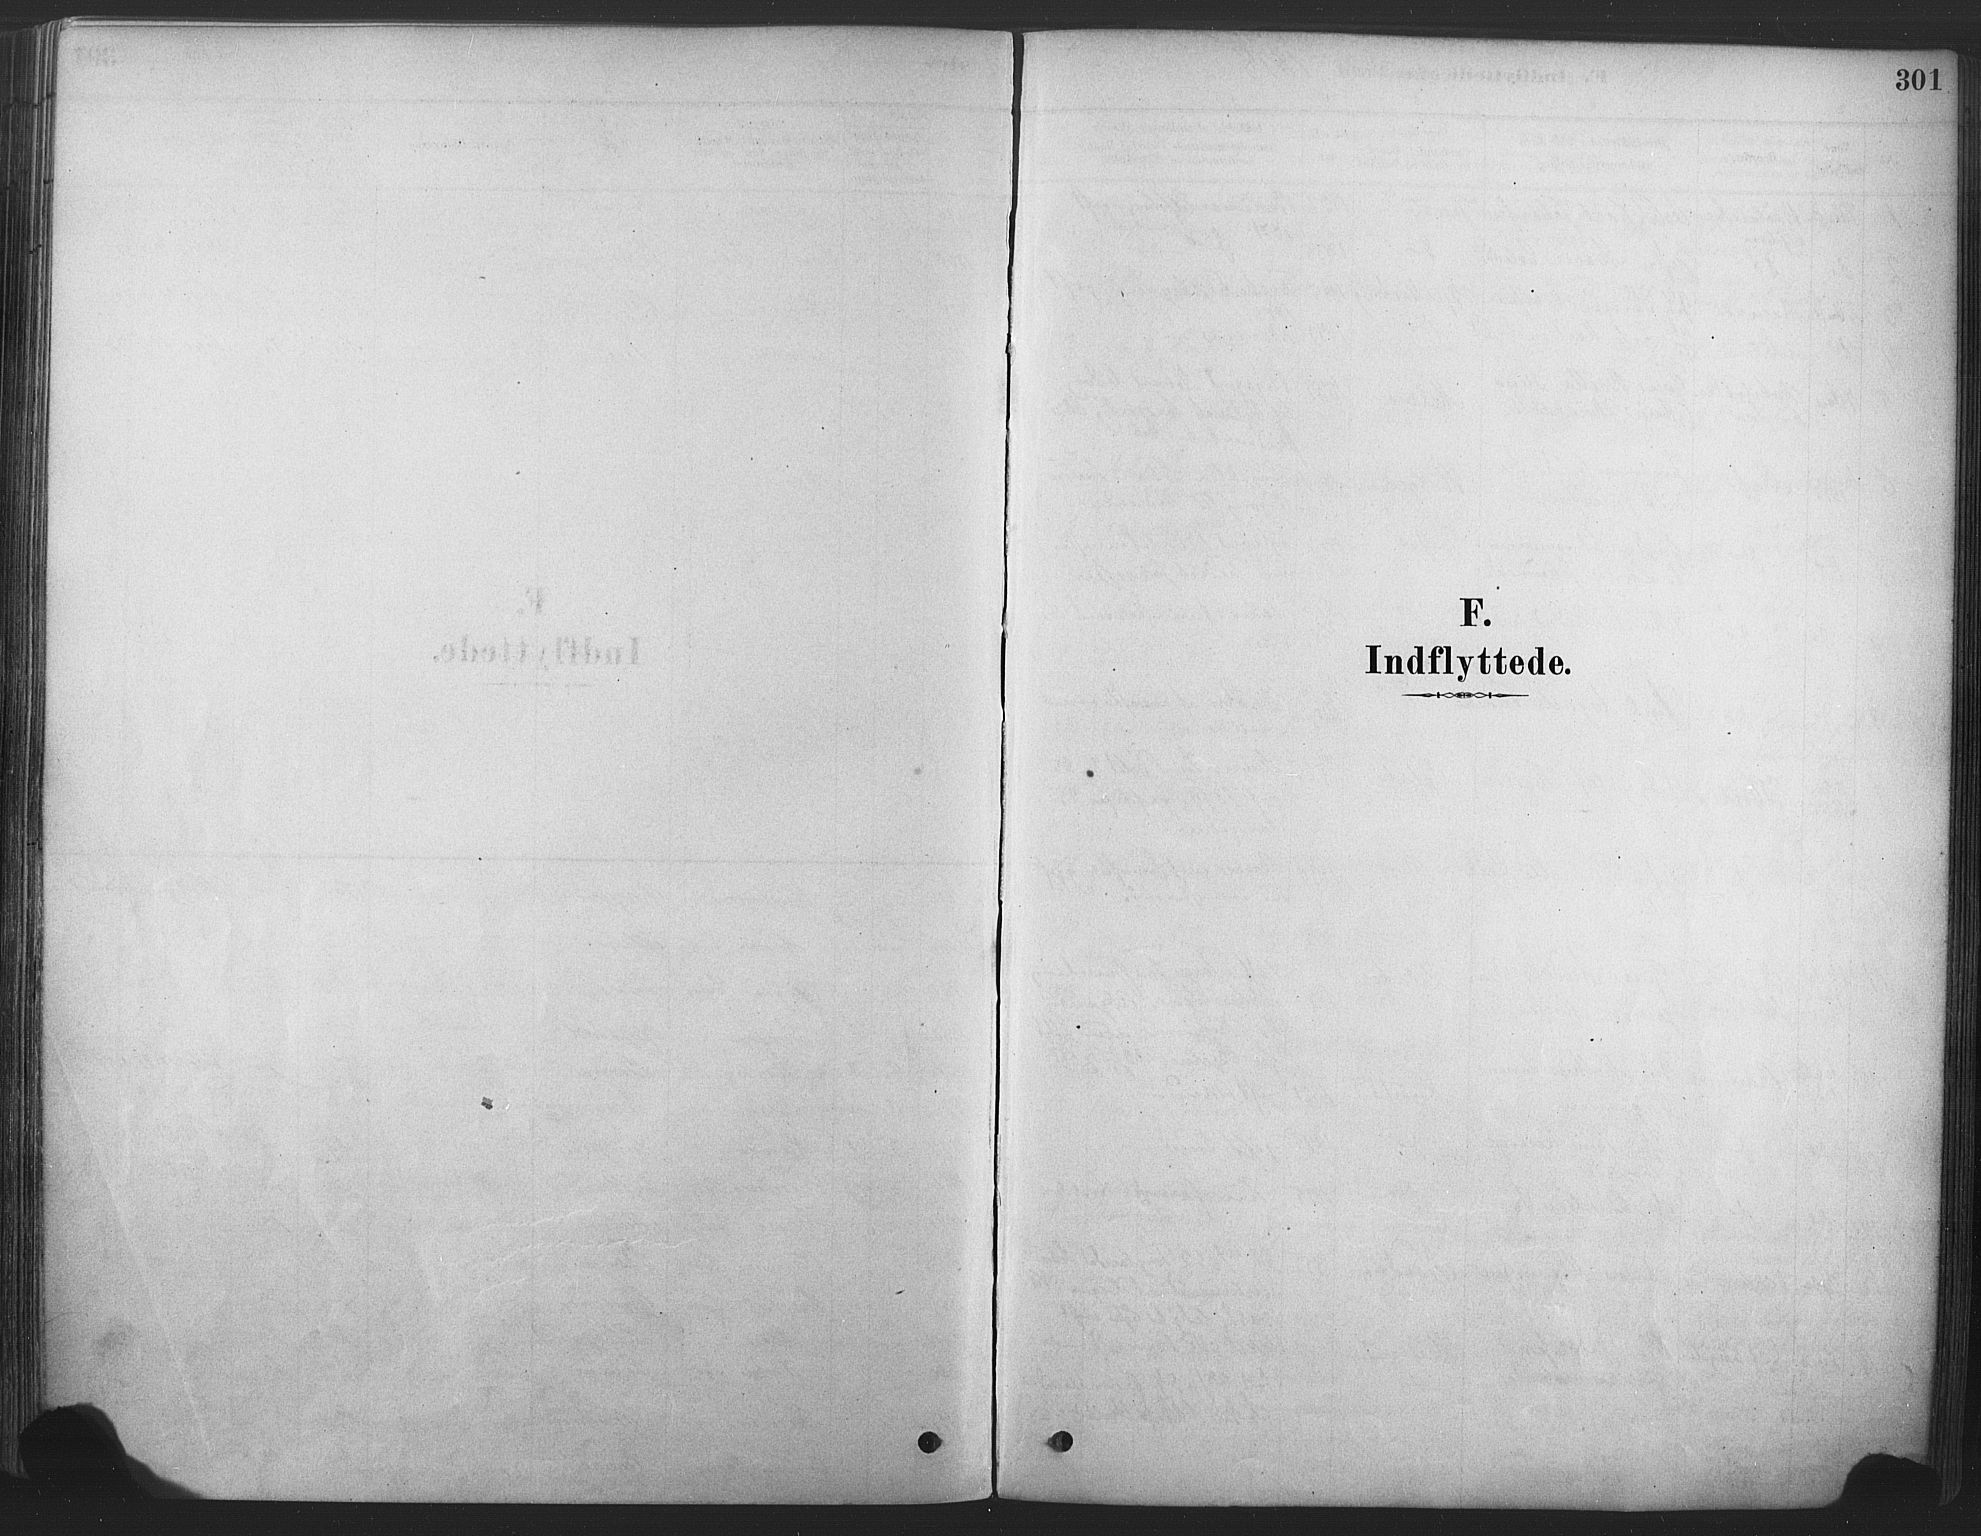 SAKO, Våle kirkebøker, F/Fa/L0011: Ministerialbok nr. I 11, 1878-1906, s. 301